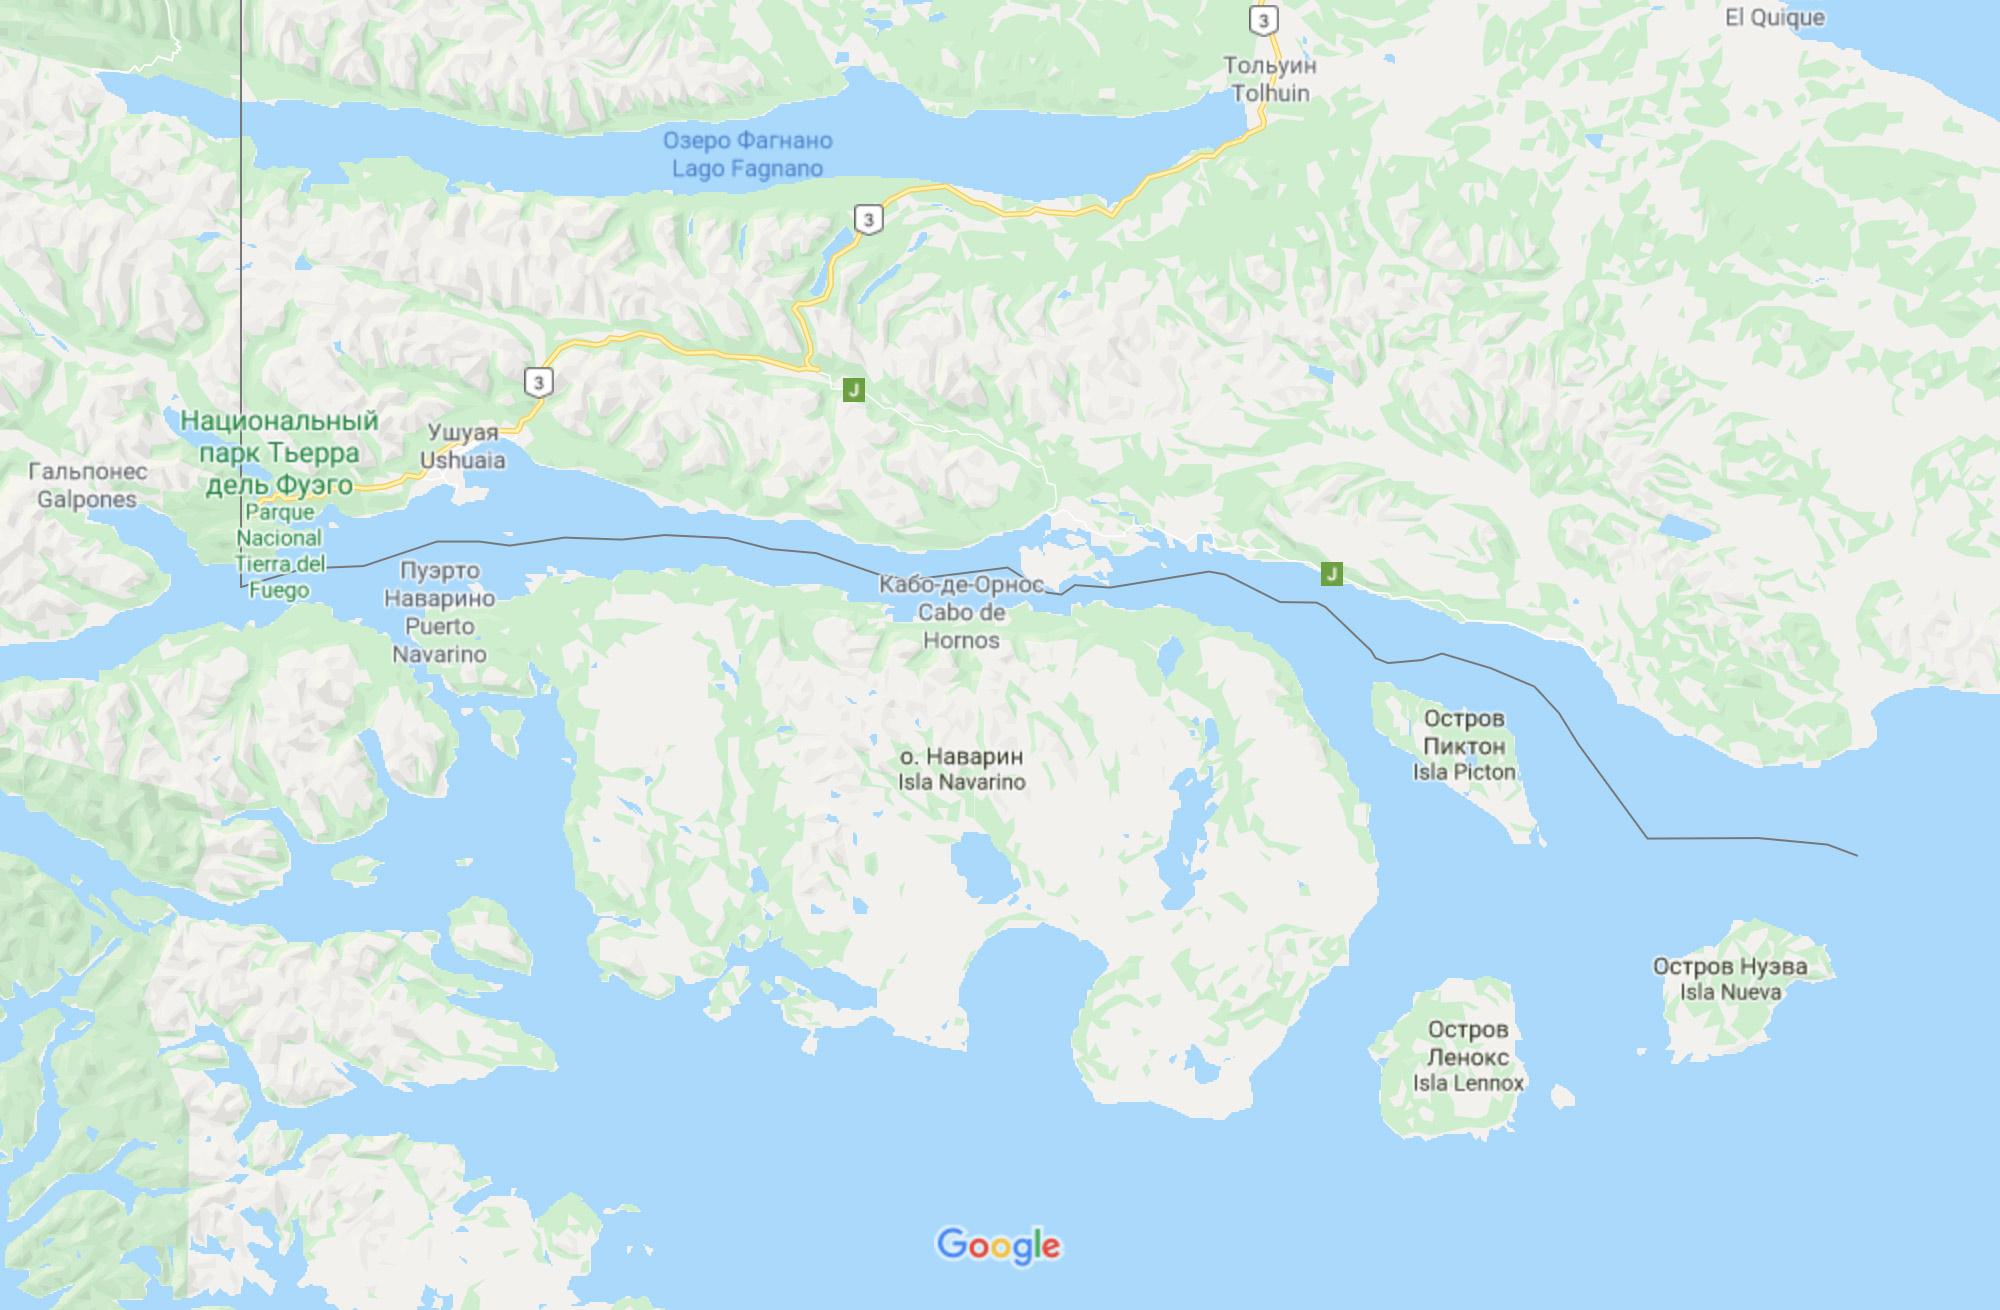 По каналу Бигль в этом месте проходит граница — черная линия — между Аргентиной и Чили. По одну сторону — остров Огненная Земля и Ушуайя. По другую — остров Наварино и поселение Пуэрто-Уильямс (Кабо-де-Орнос)